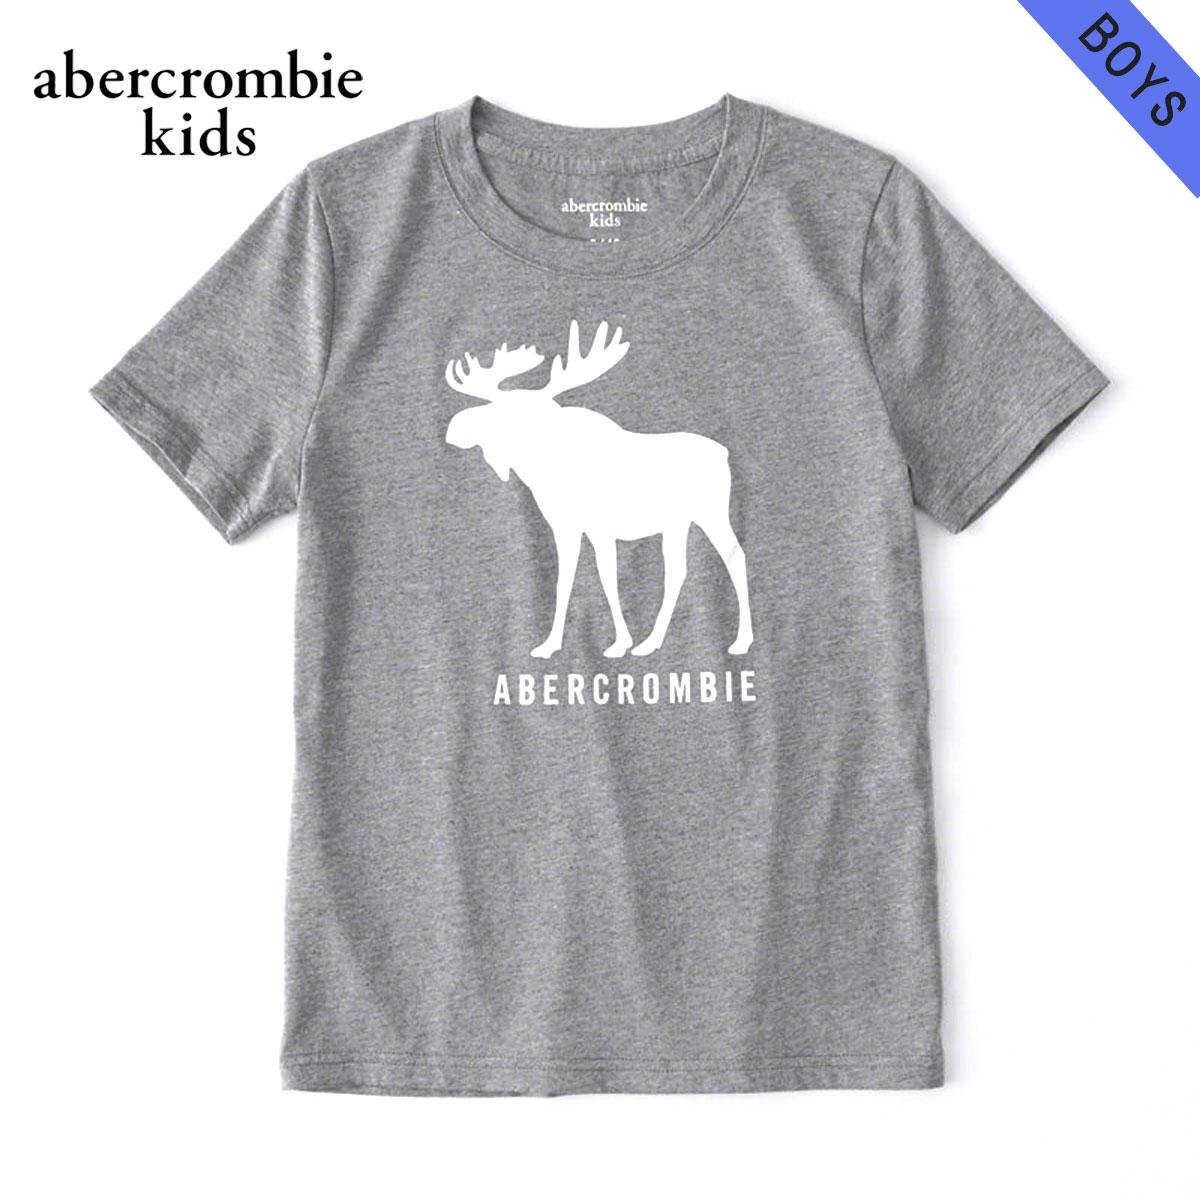 アバクロキッズ AbercrombieKids 正規品 子供服 ボーイズ 半袖Tシャツ color-changing graphic tee 257-891-0103-010